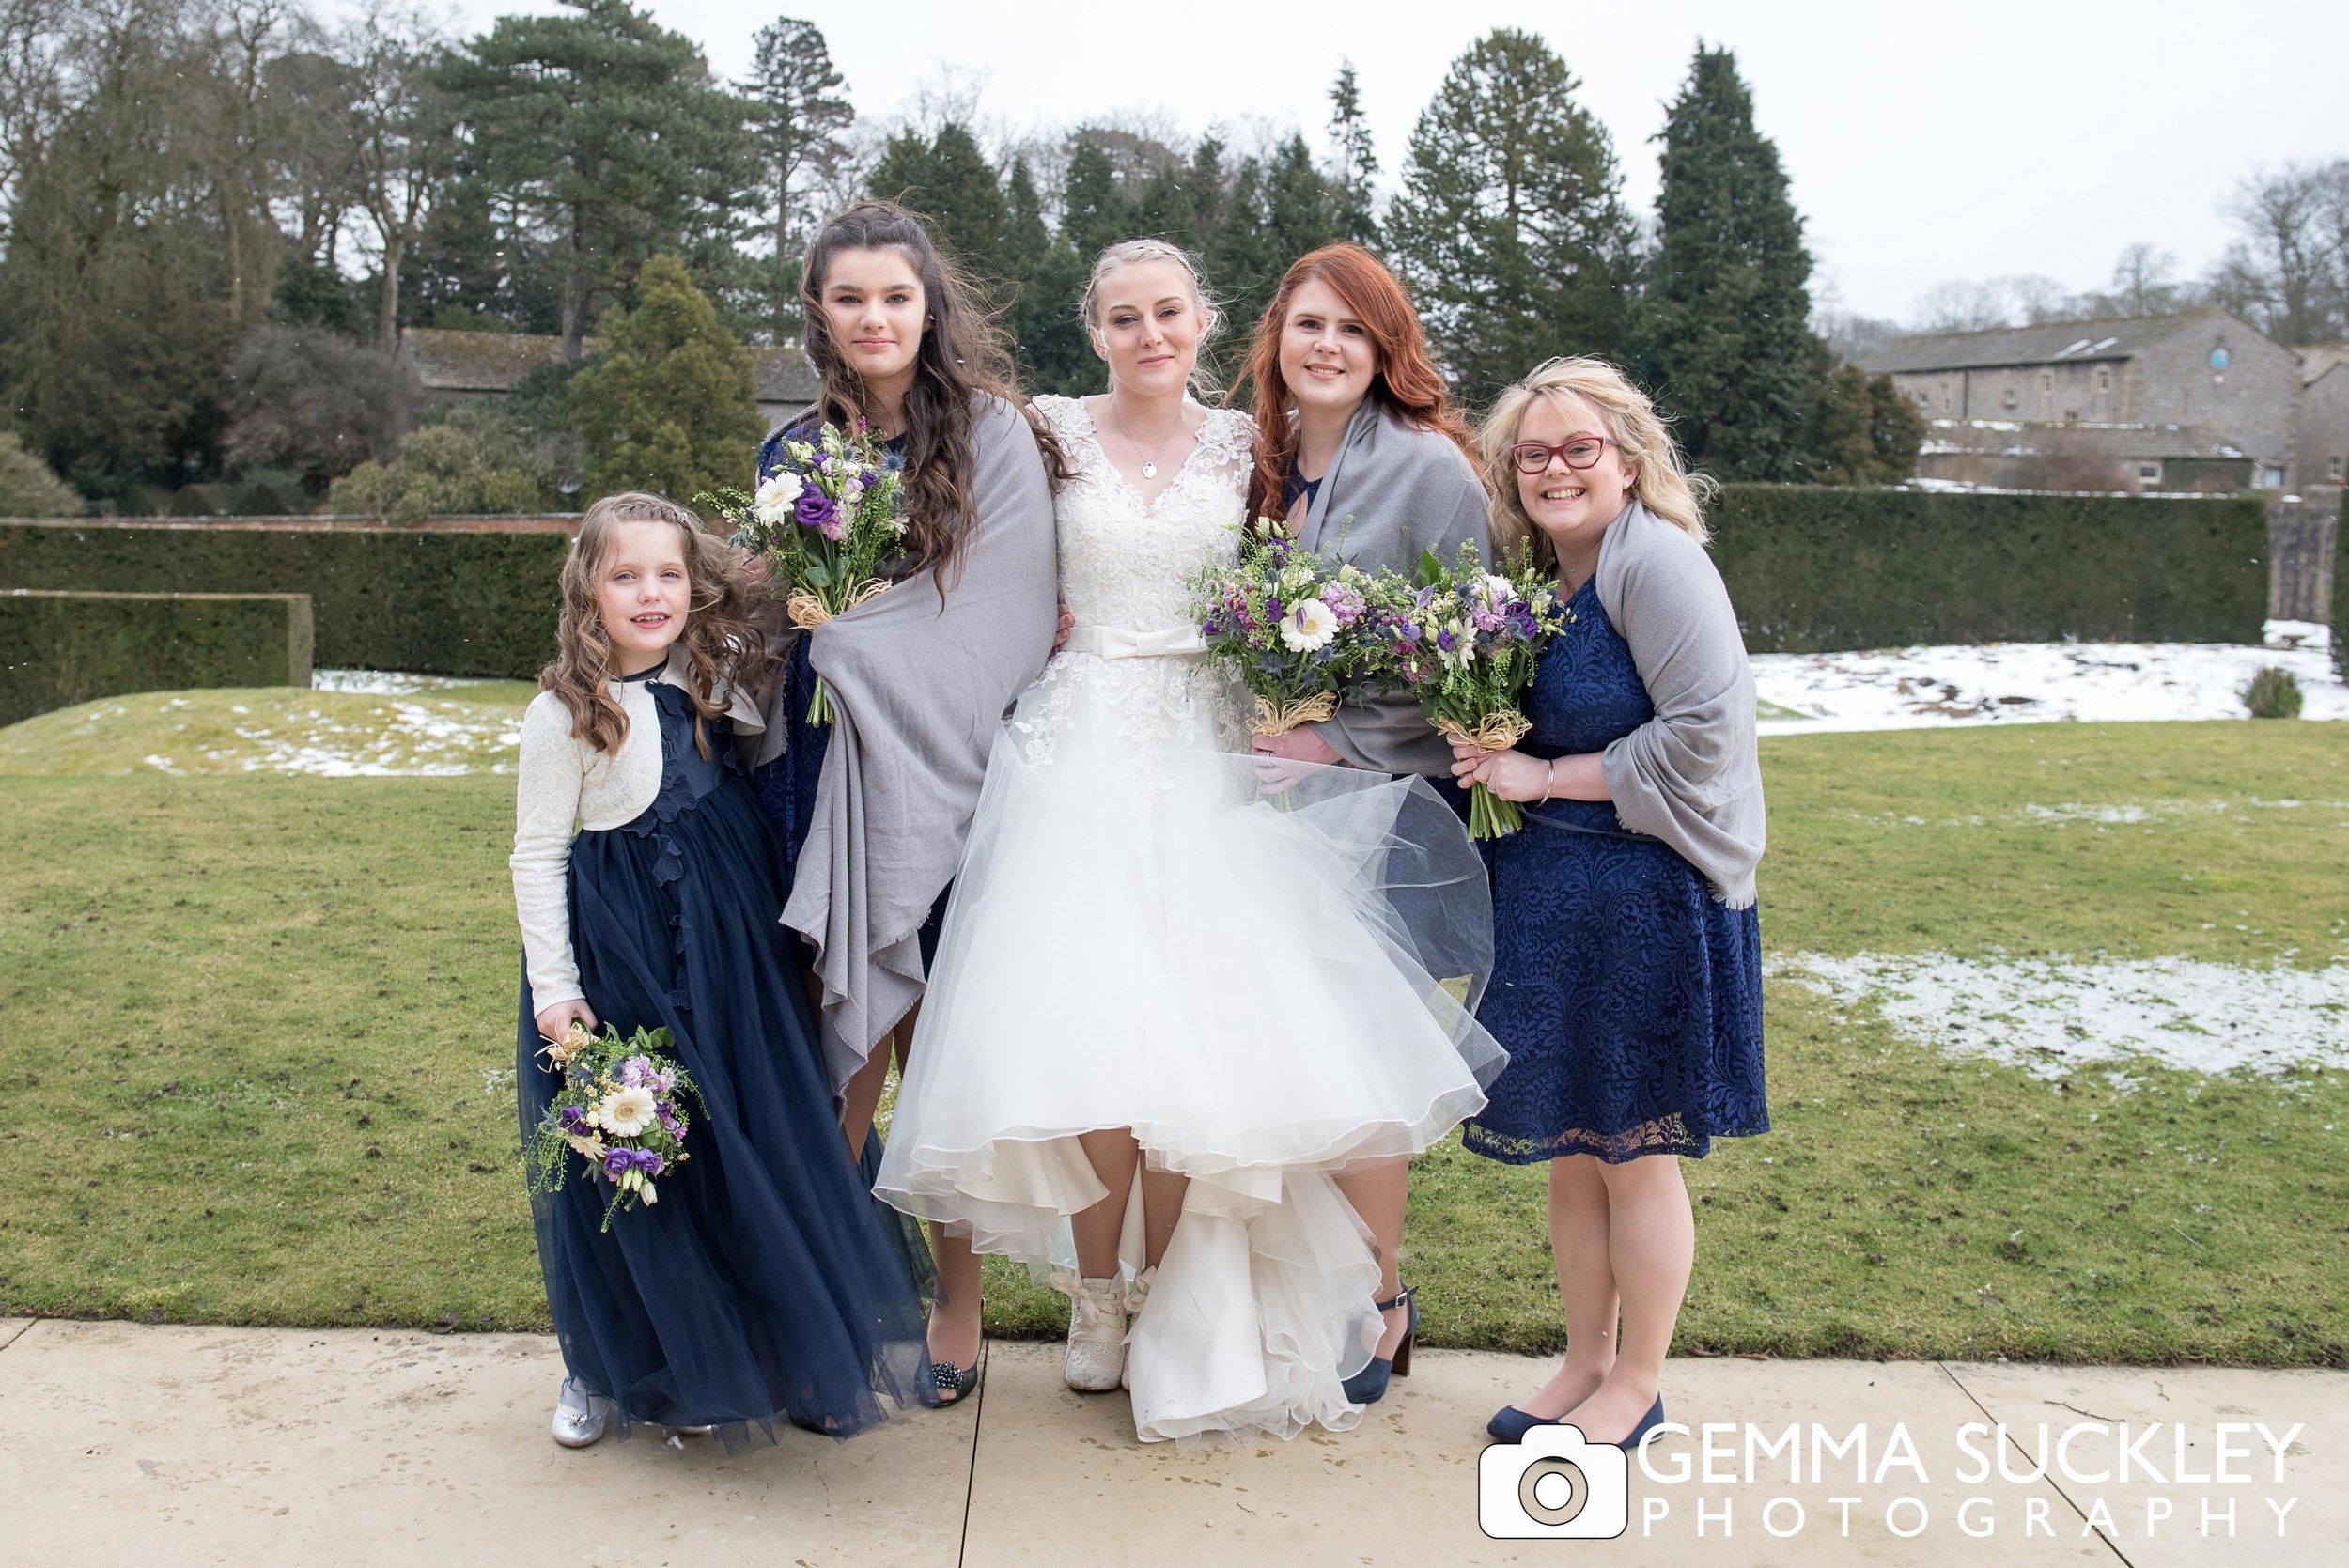 bride with bridesmaids at utopia wedding